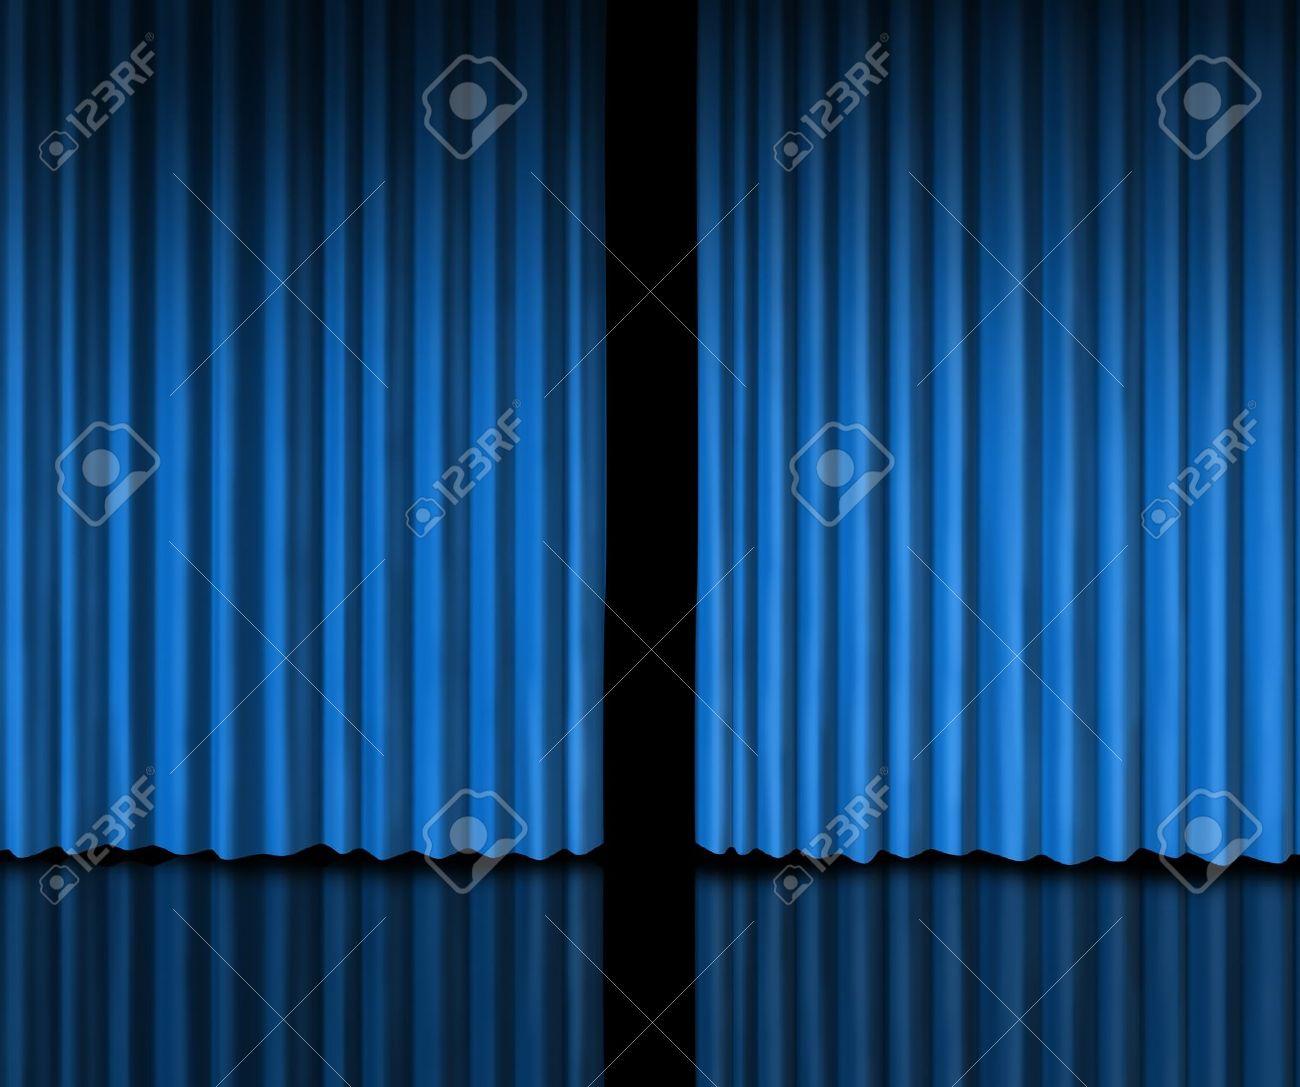 Achter De Blauwe Gordijn Stiekem Een kijkje In Een Toekomst ...